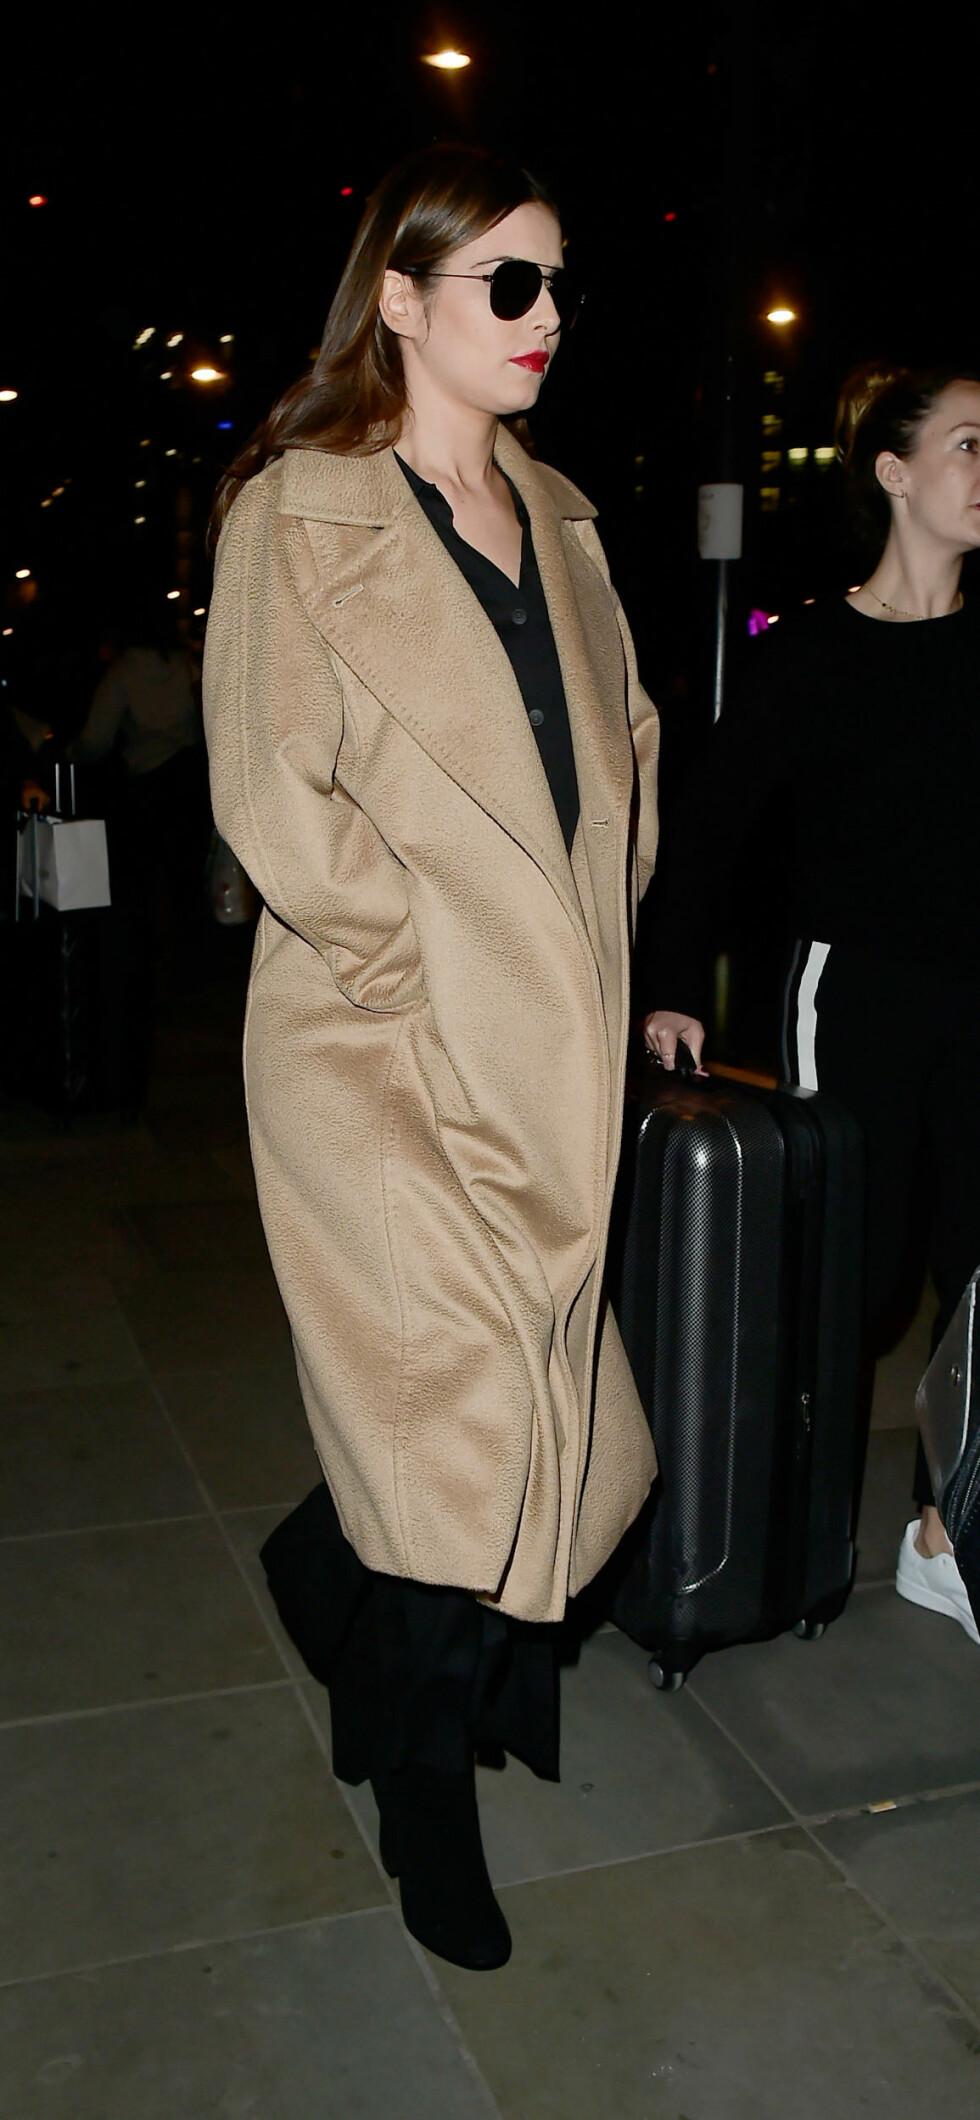 DEKKET TIL MAGEN: Cheryl Cole viste seg i London denne uken med en lang frakk som skjulte magen. Foto: Splash News